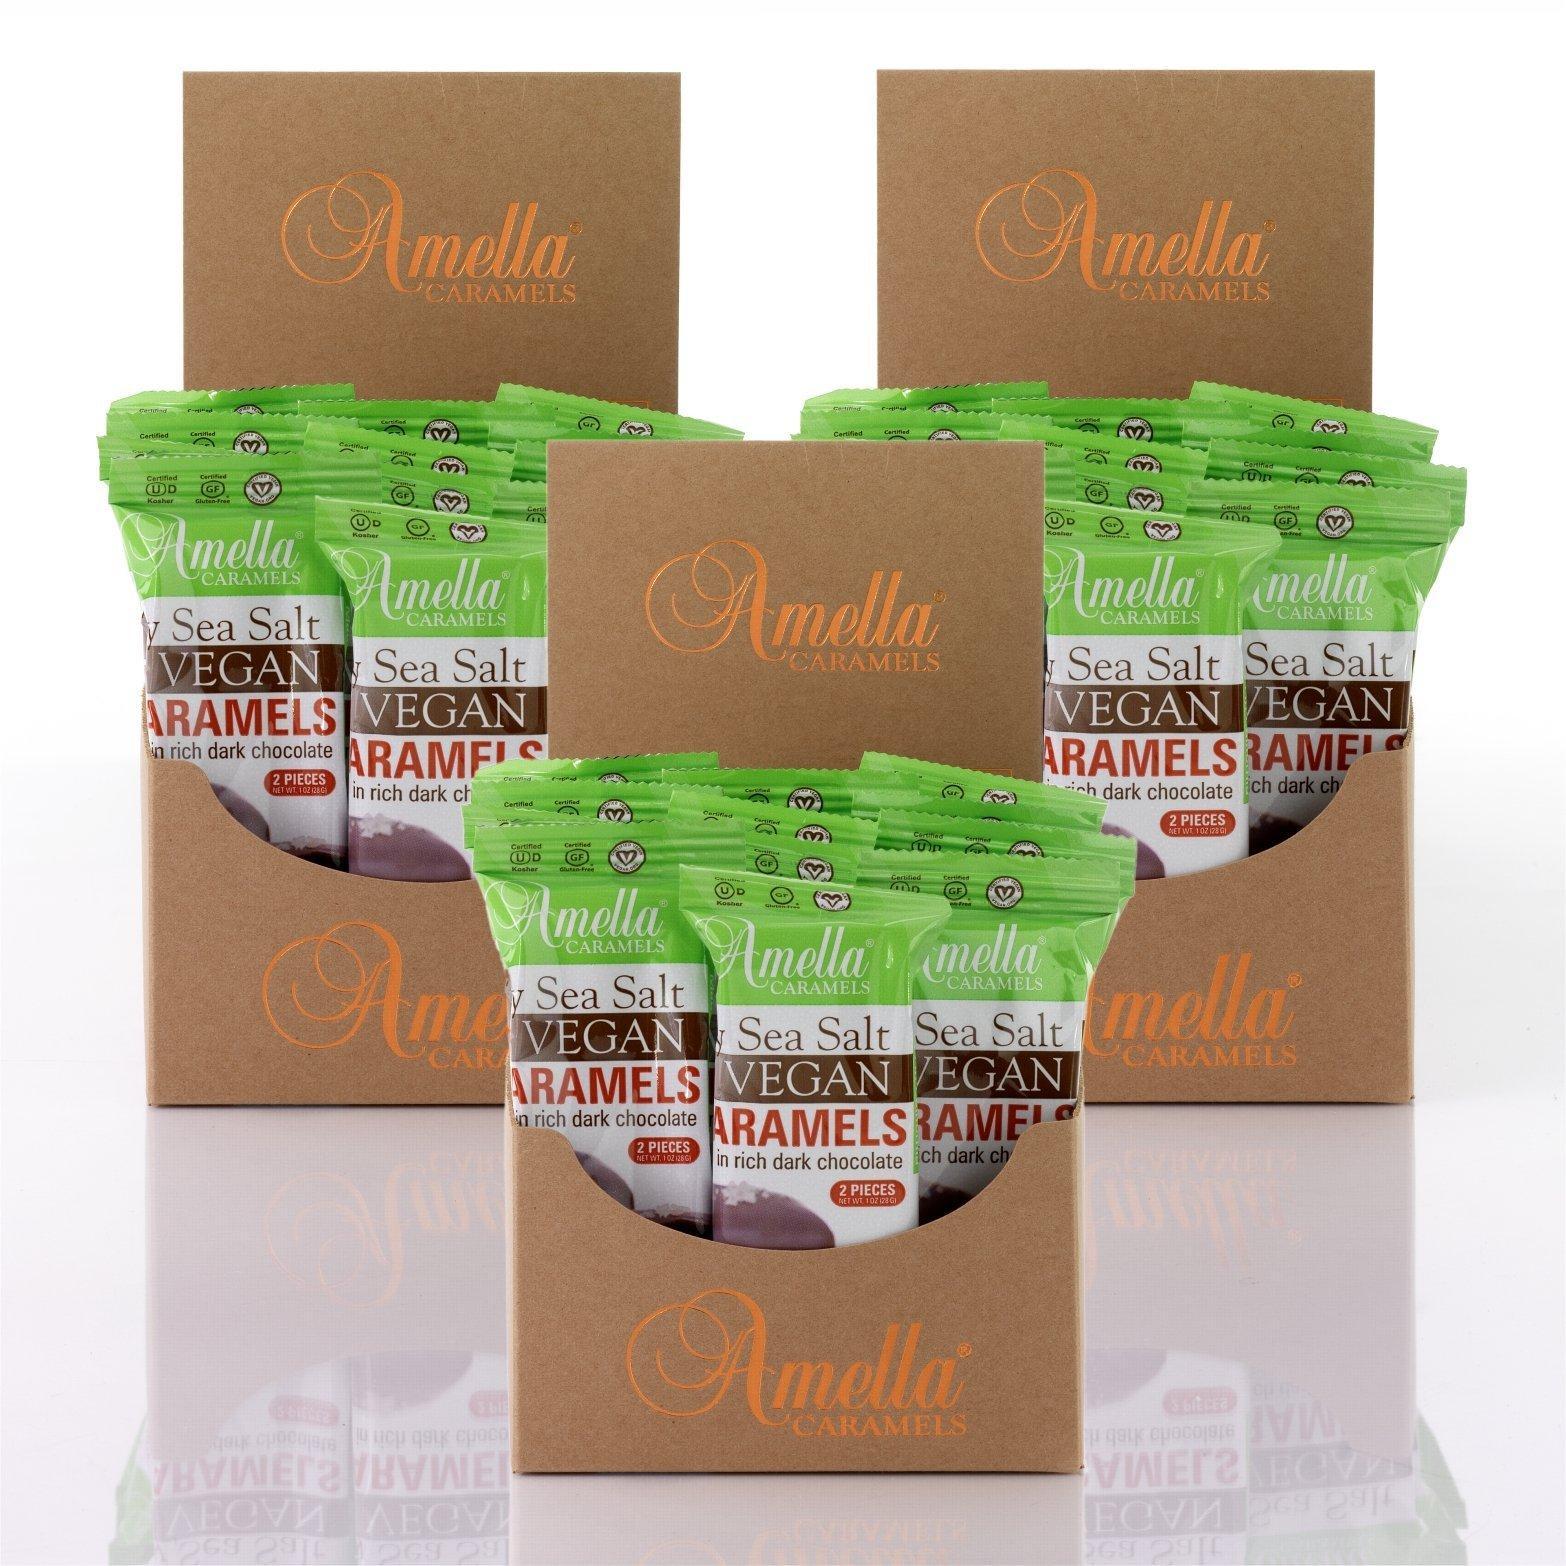 Vegan Gray Salt Caramels in 72% Dark Chocolate, 45.0 ounces (45 packs - 2 pcs/pack)